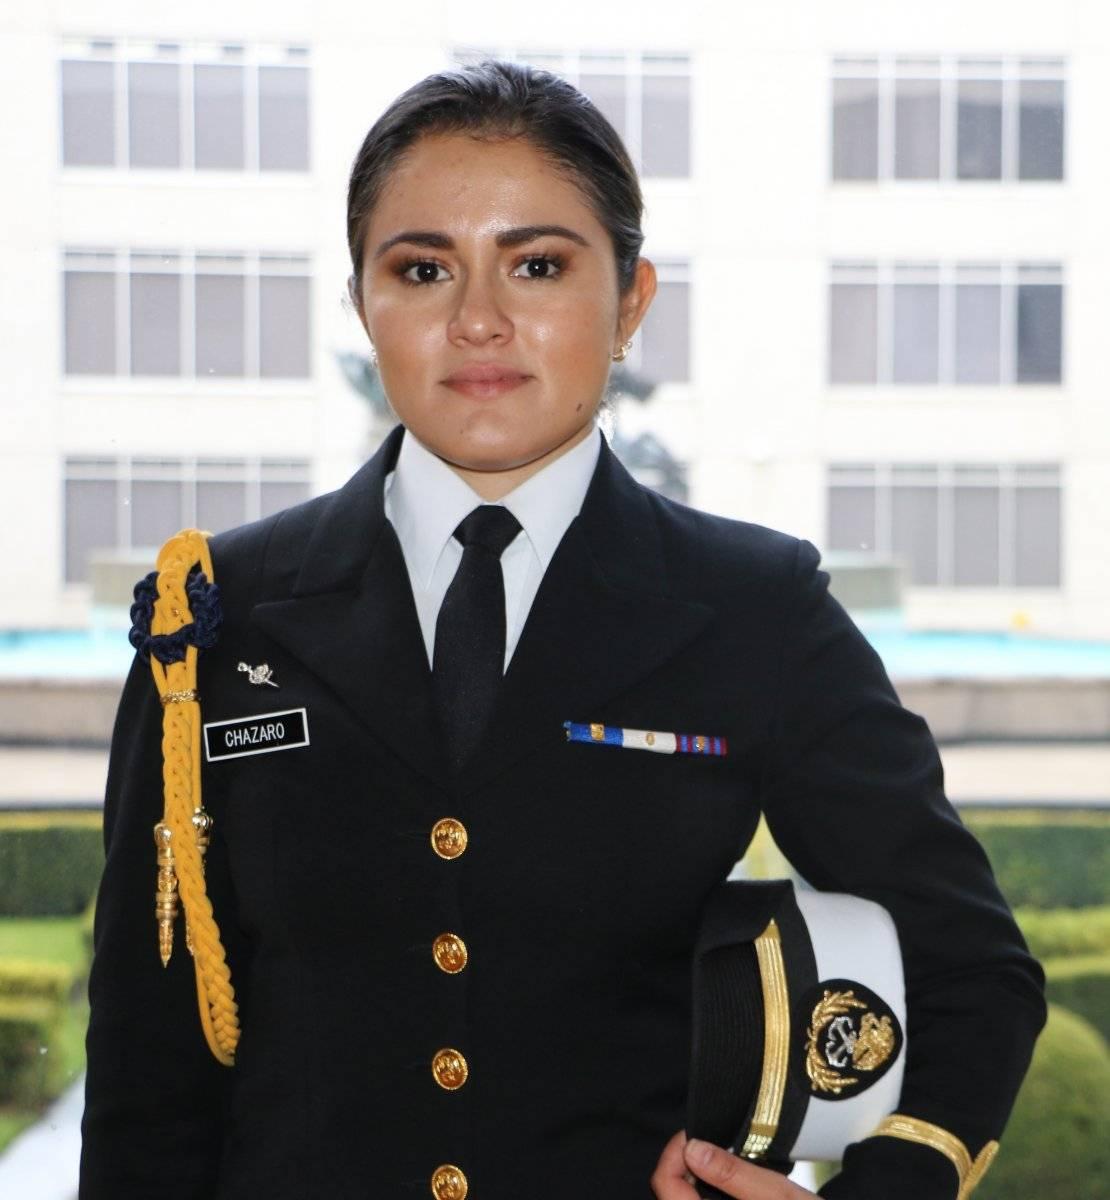 La Teniente cuenta con 24 años de edad. Eduardo Mondragón/Publimetro